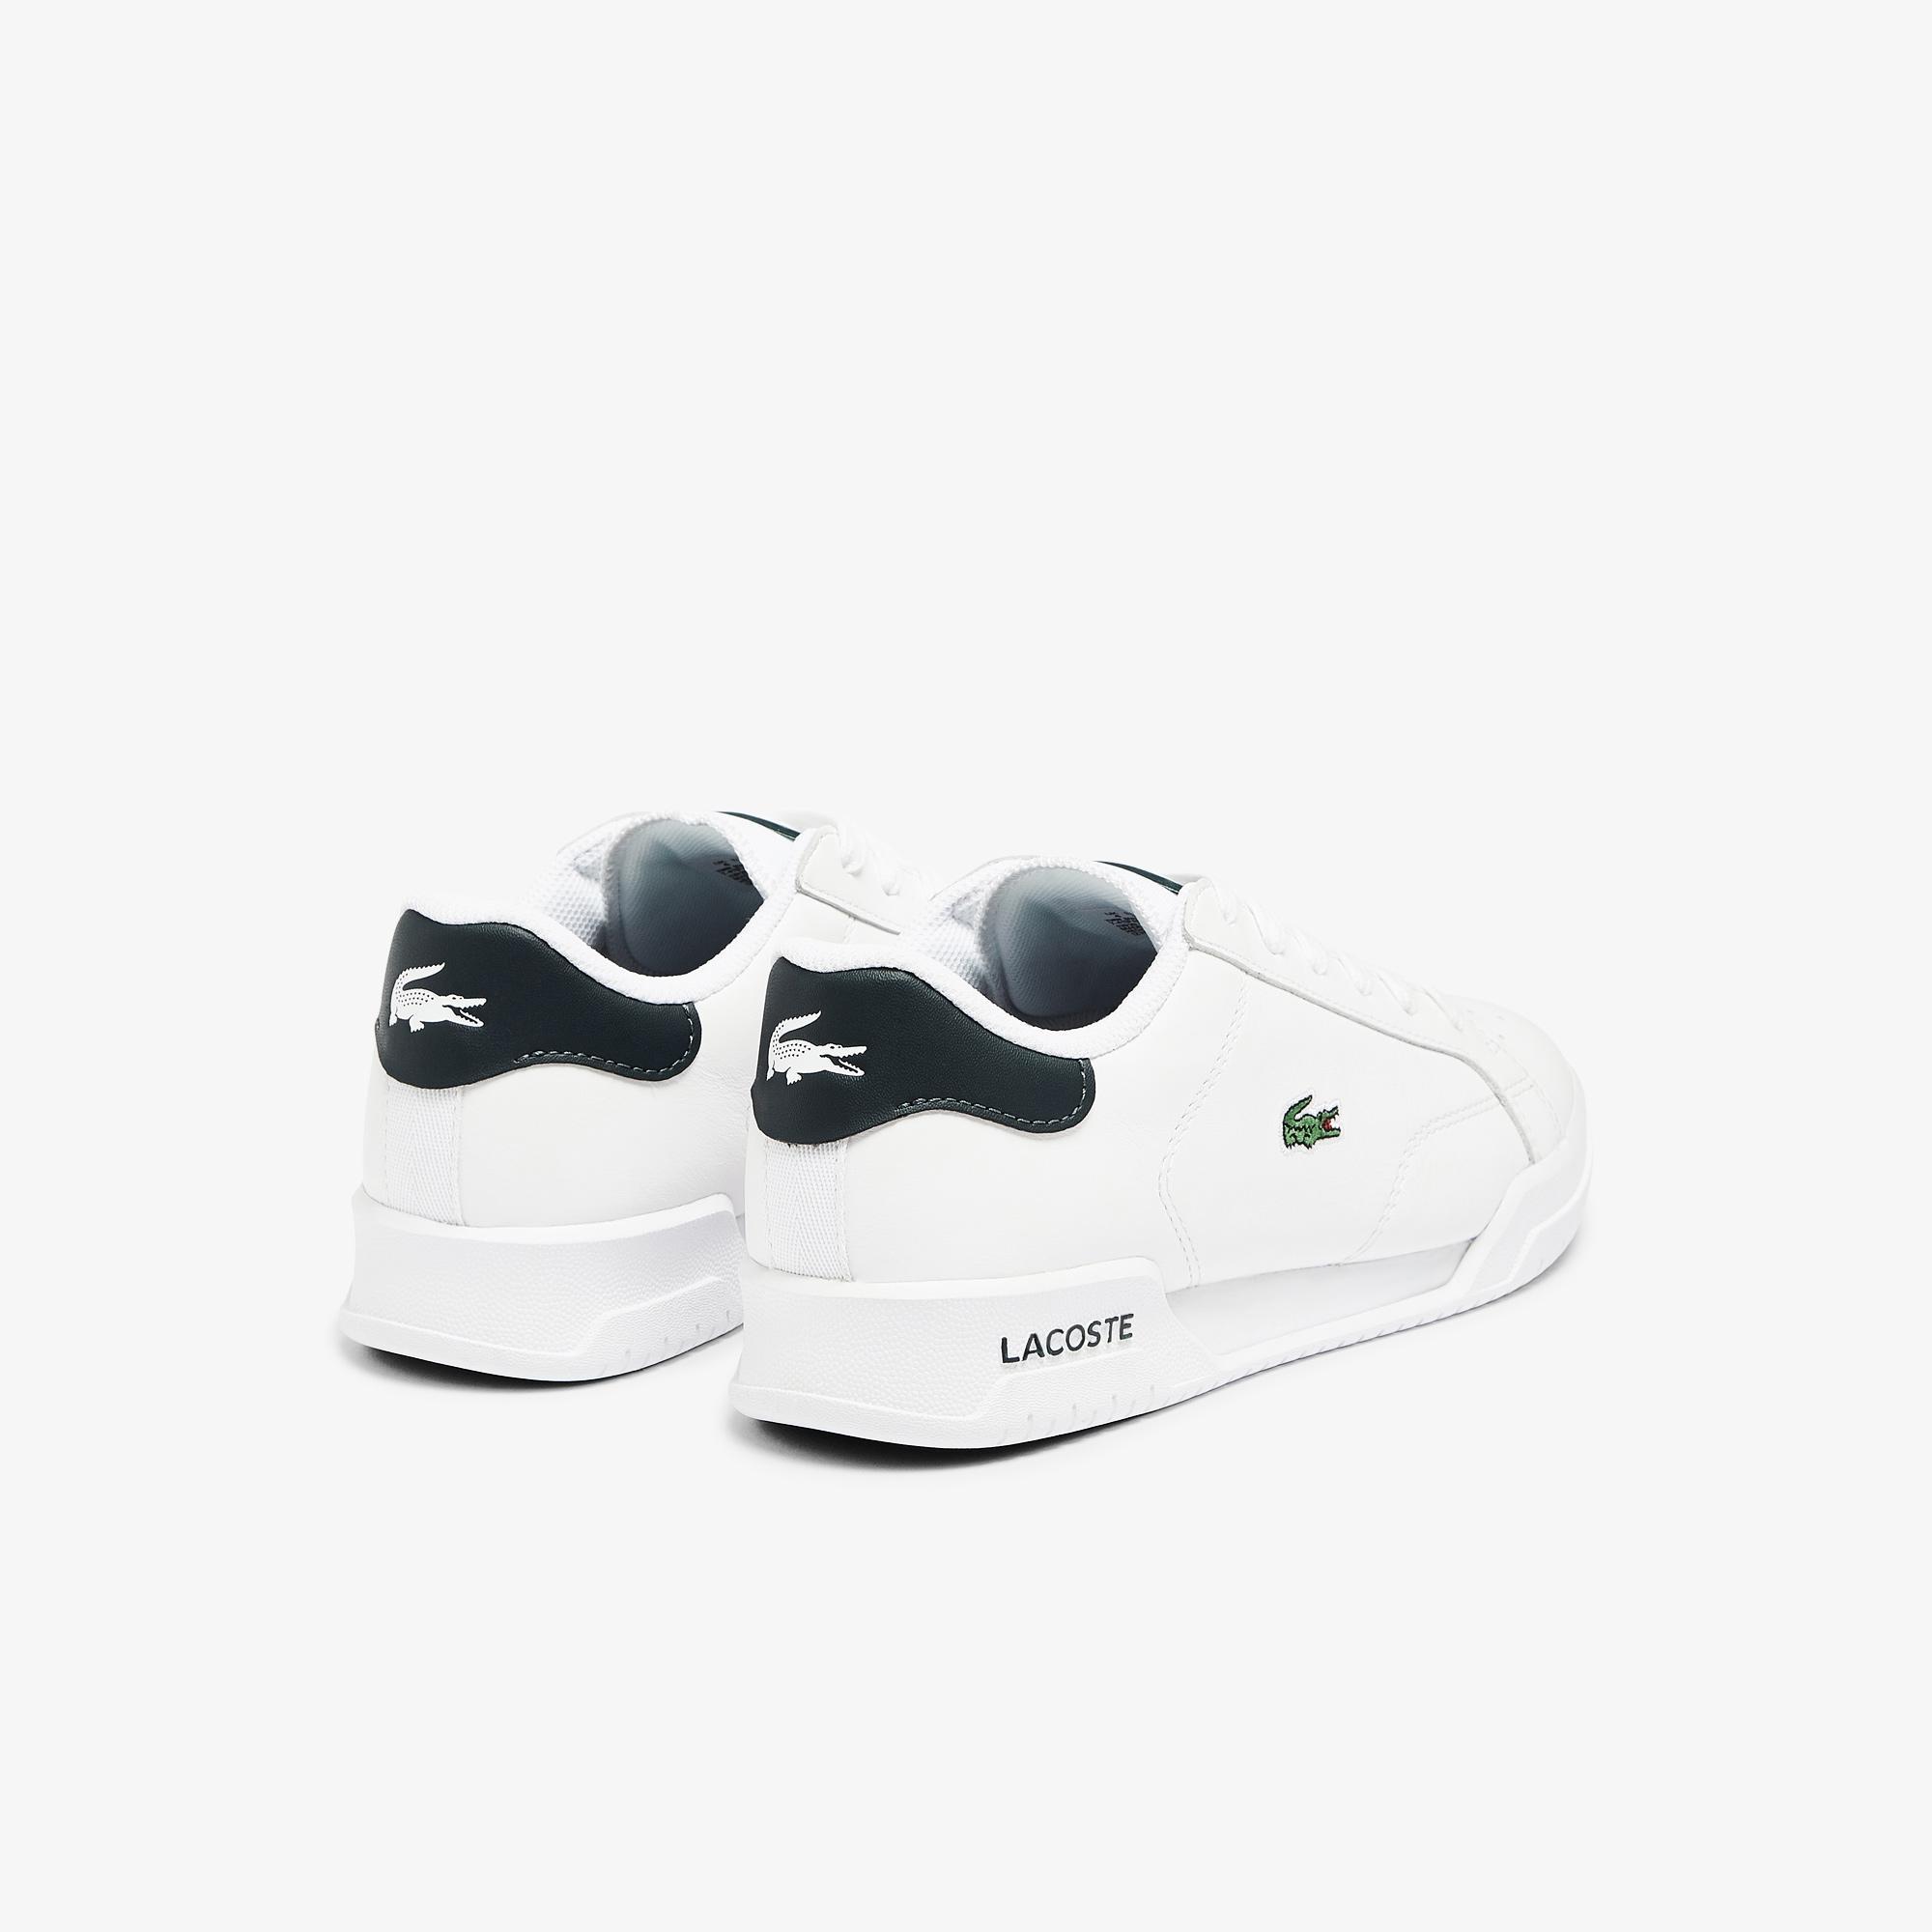 Lacoste Women's Twın Serve 0721 1 Sfa Shoes